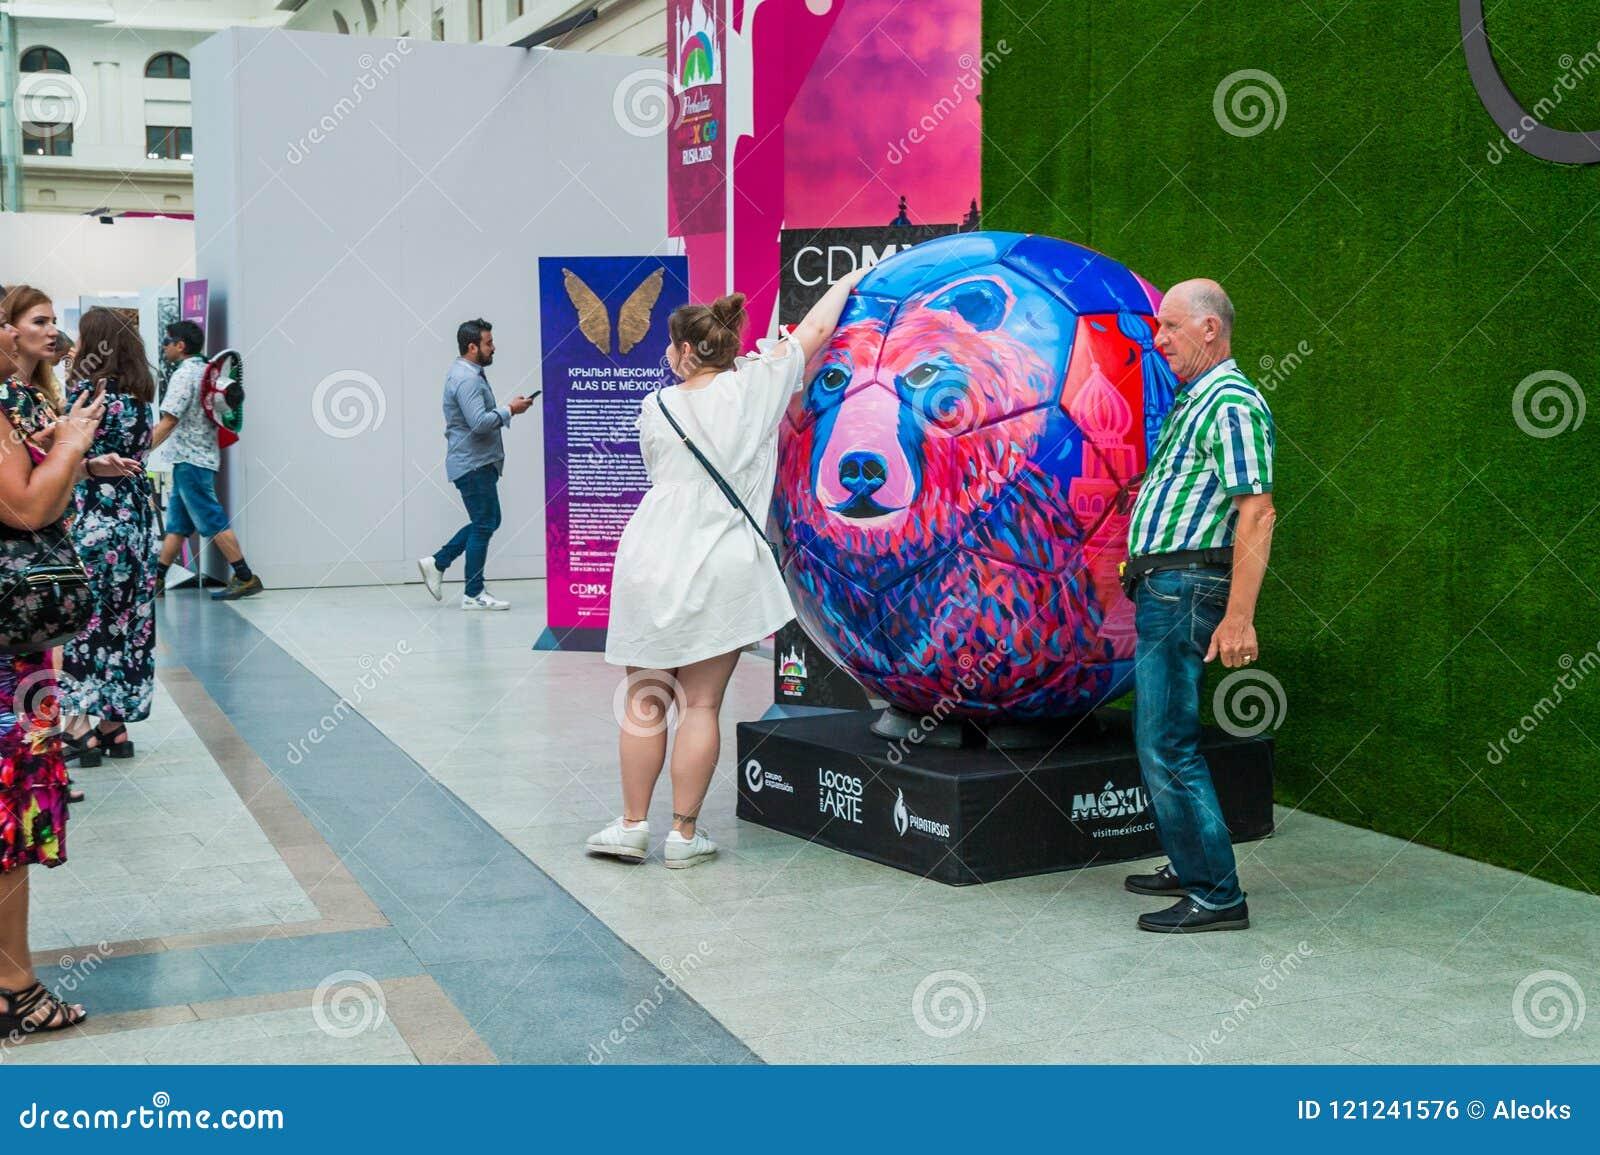 Ett nationellt hus för mexikan fläktar i Gostiny Dvor Folket fotograferas runt om en stiliserad fotbollboll med en björn